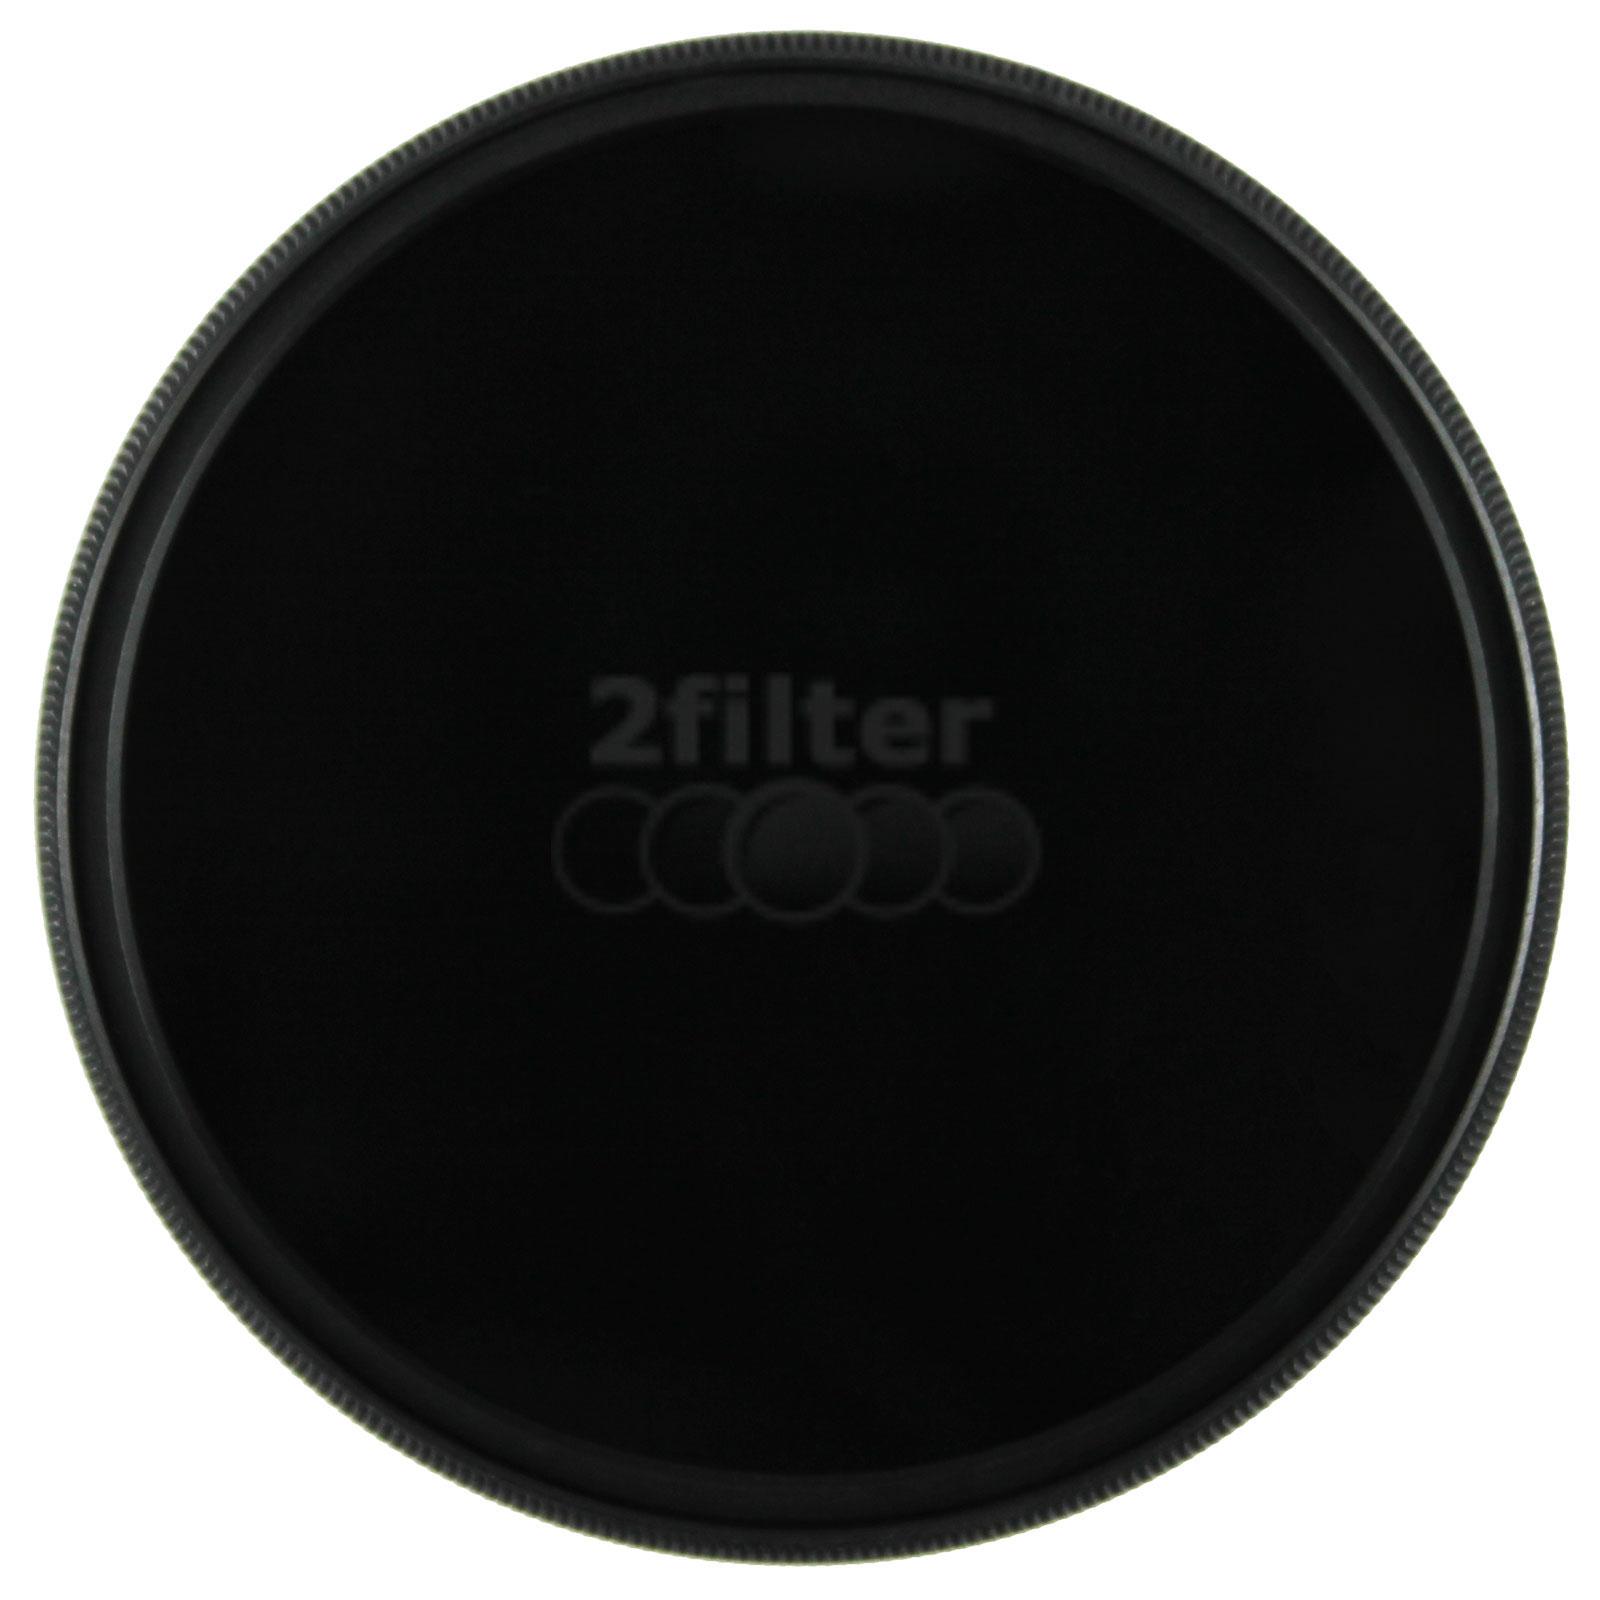 Standard-ND-1.2-Filter-Top-Down